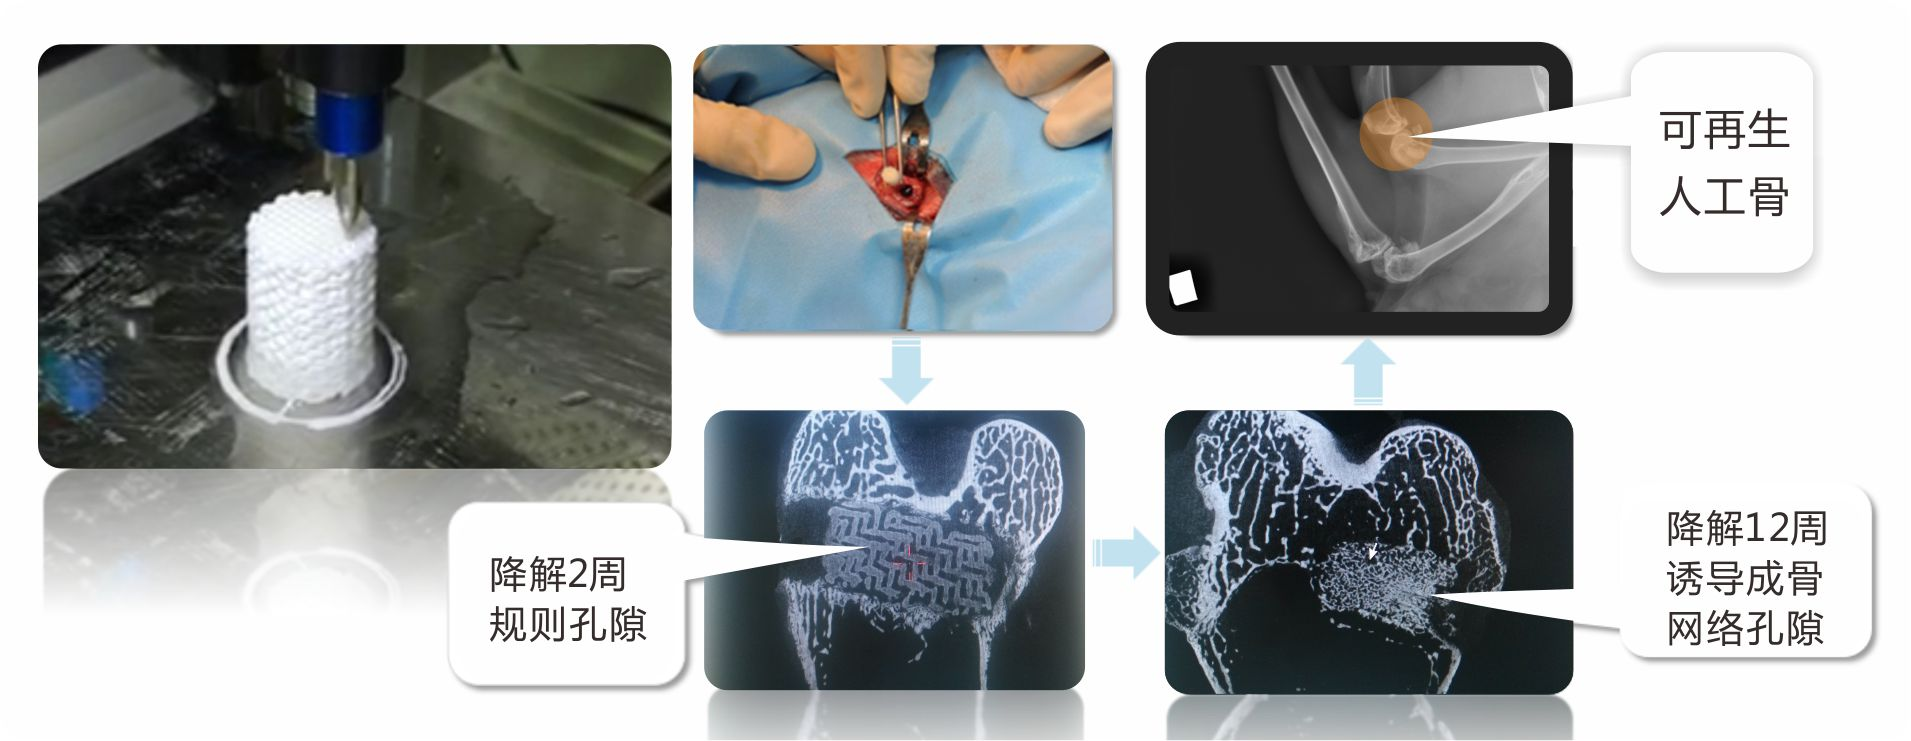 世界首例3D打印可降解人工骨修复长段骨缺损